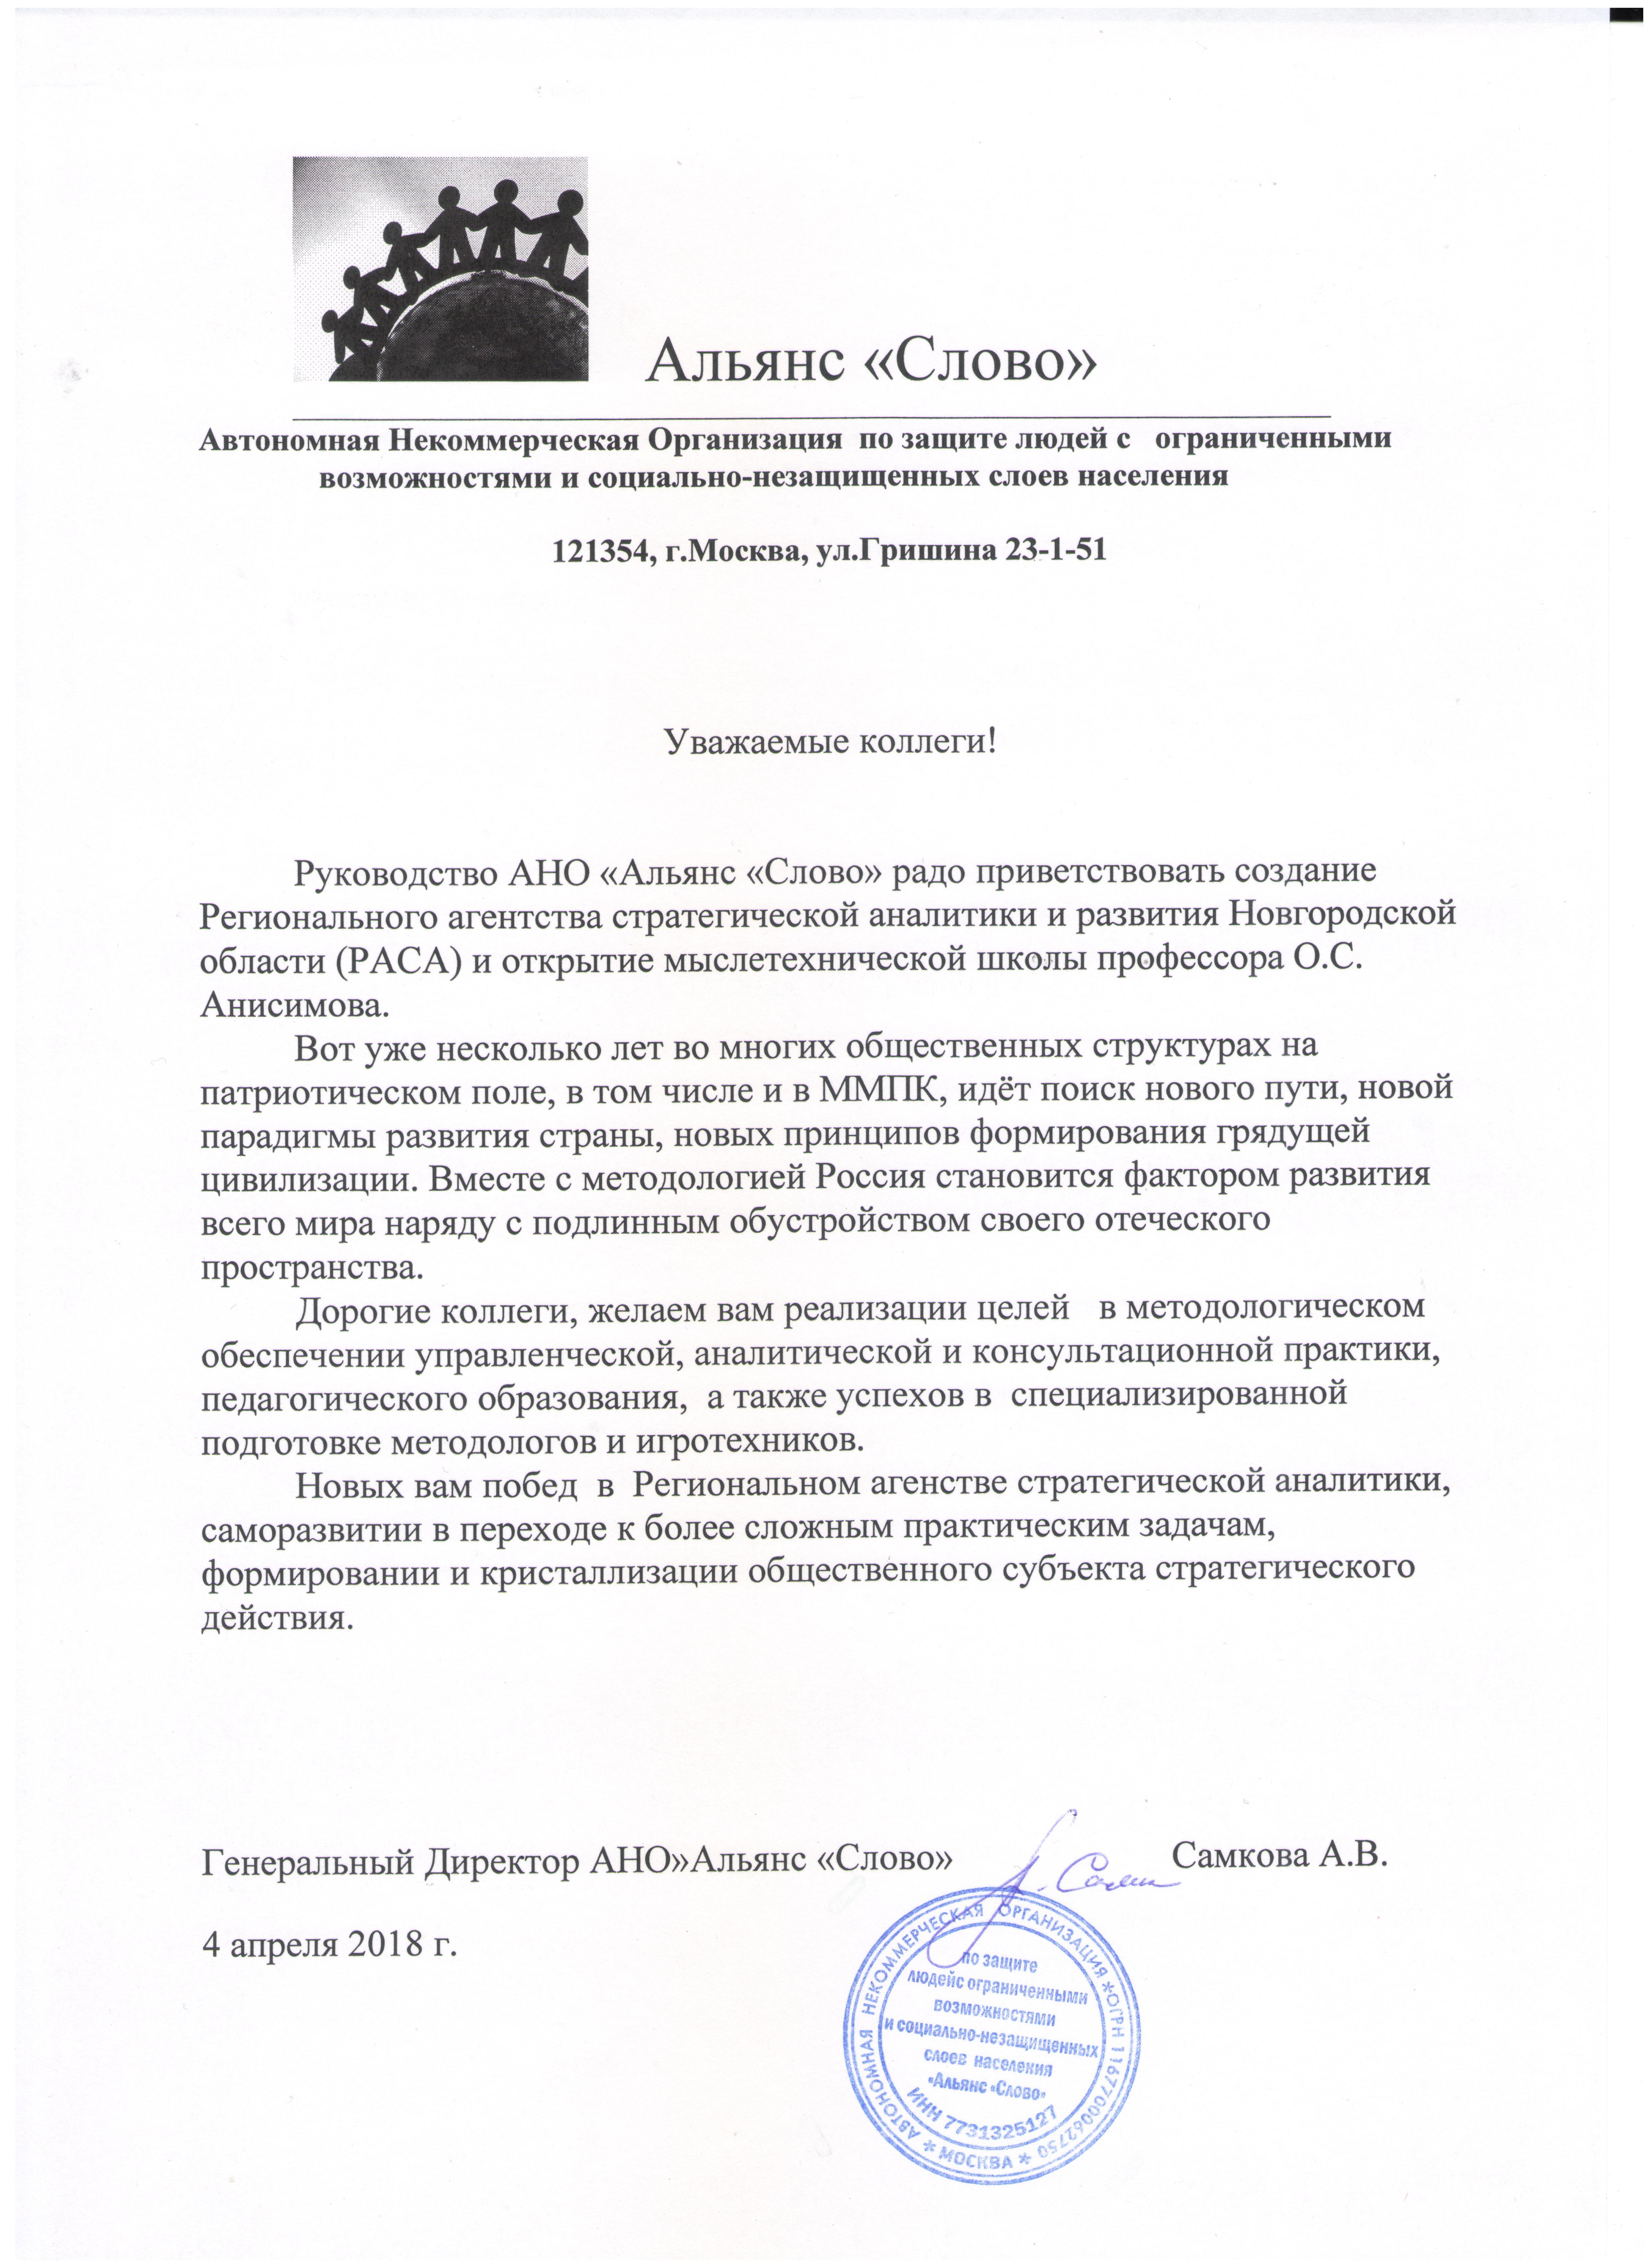 Самкова_Приветств.письмо